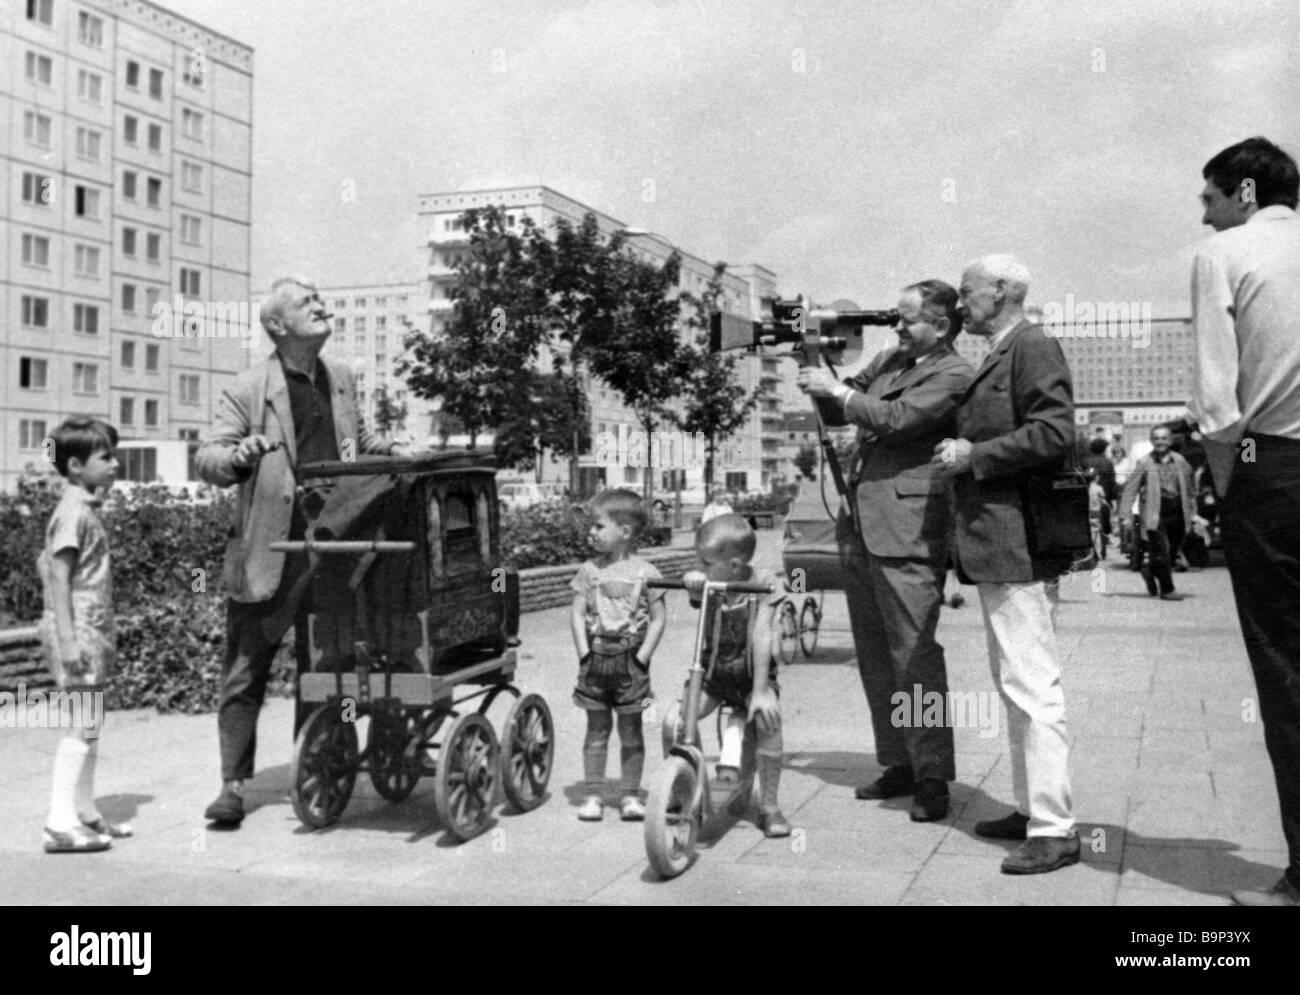 Soviet documentary film maker Roman Karmen second right films scene on city street for documentary Comrade Berlin - Stock Image